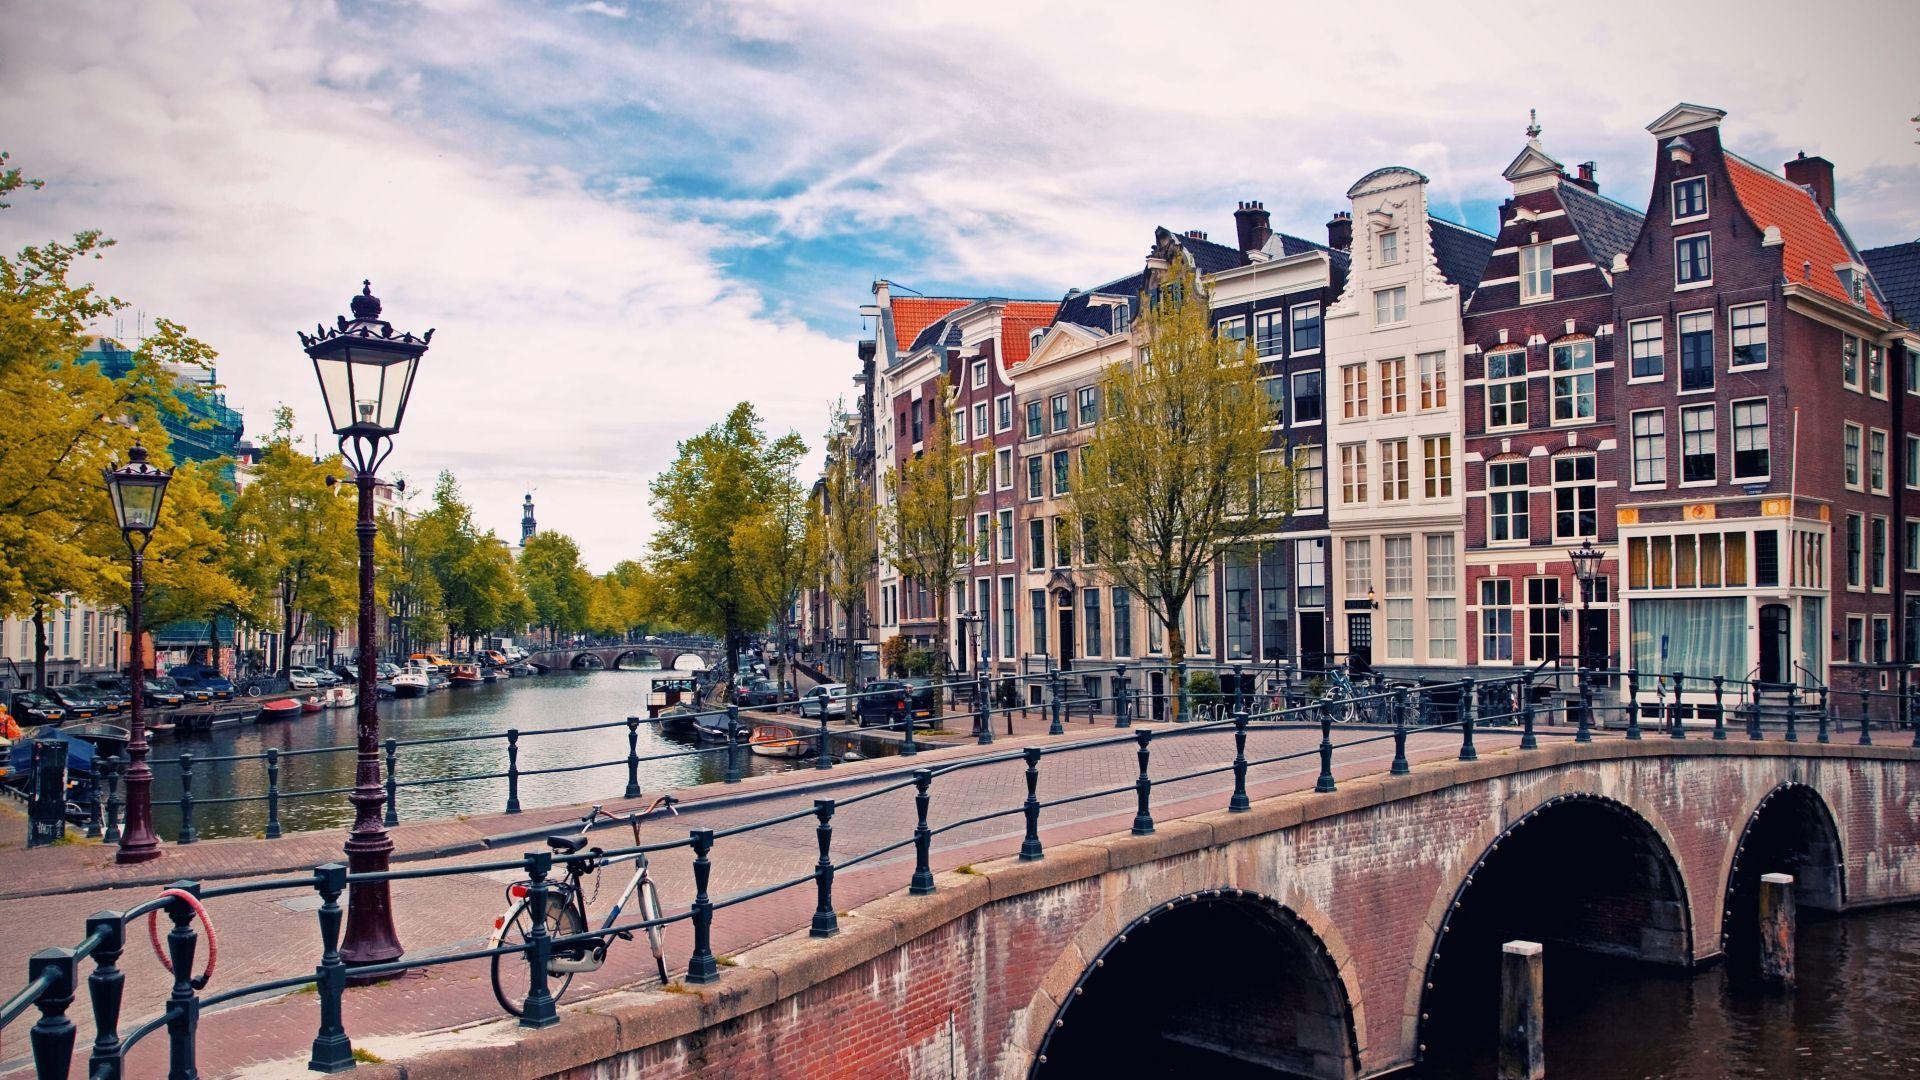 Visą Amsterdamą puošia iškasti kanalai